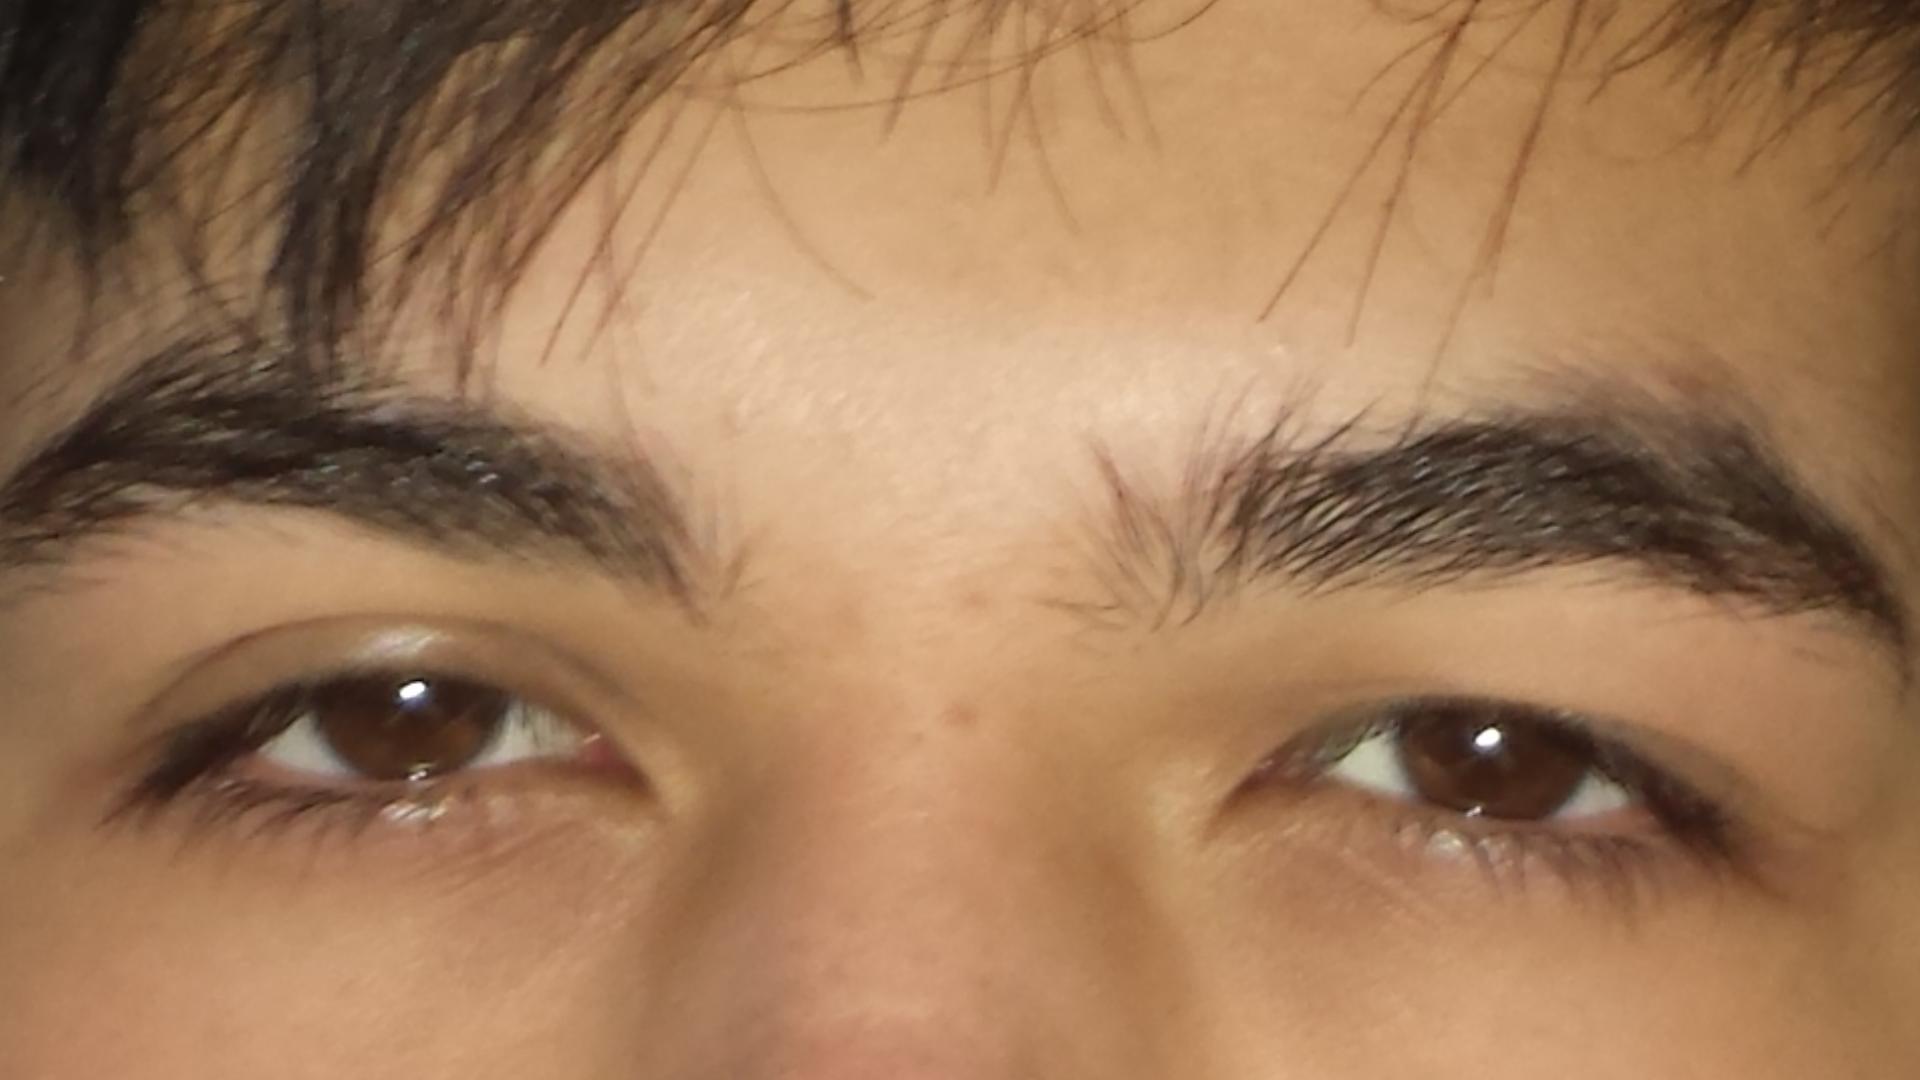 Verschiedene und hässliche Augen, was tun? (Arzt, Chirurg